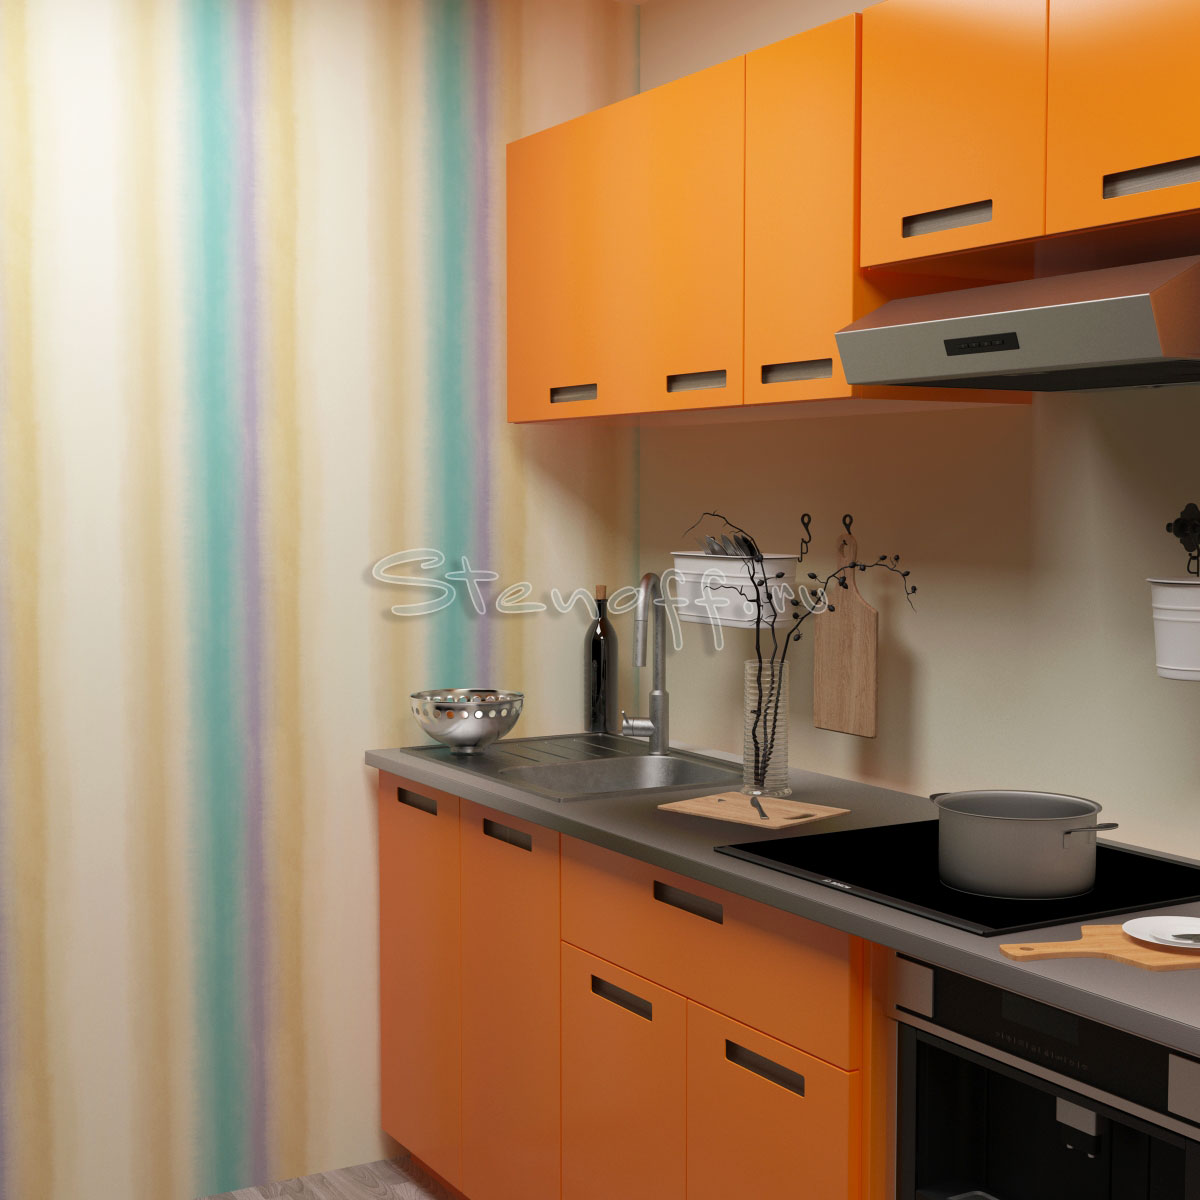 Оранжевая кухня и обои в полоску